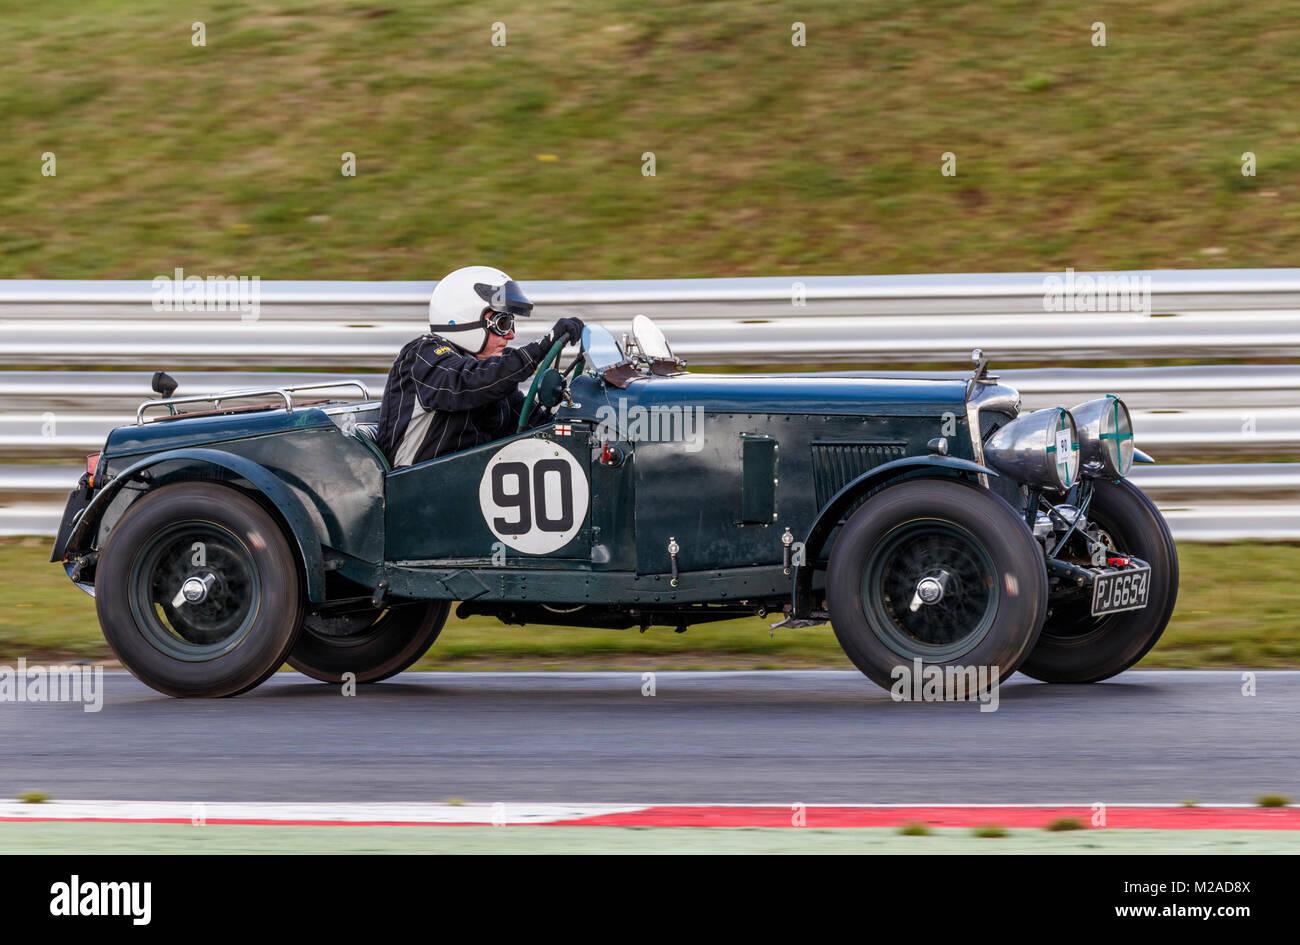 Vintage Riley Vintage Car Racing Stock Photos & Vintage Riley ...